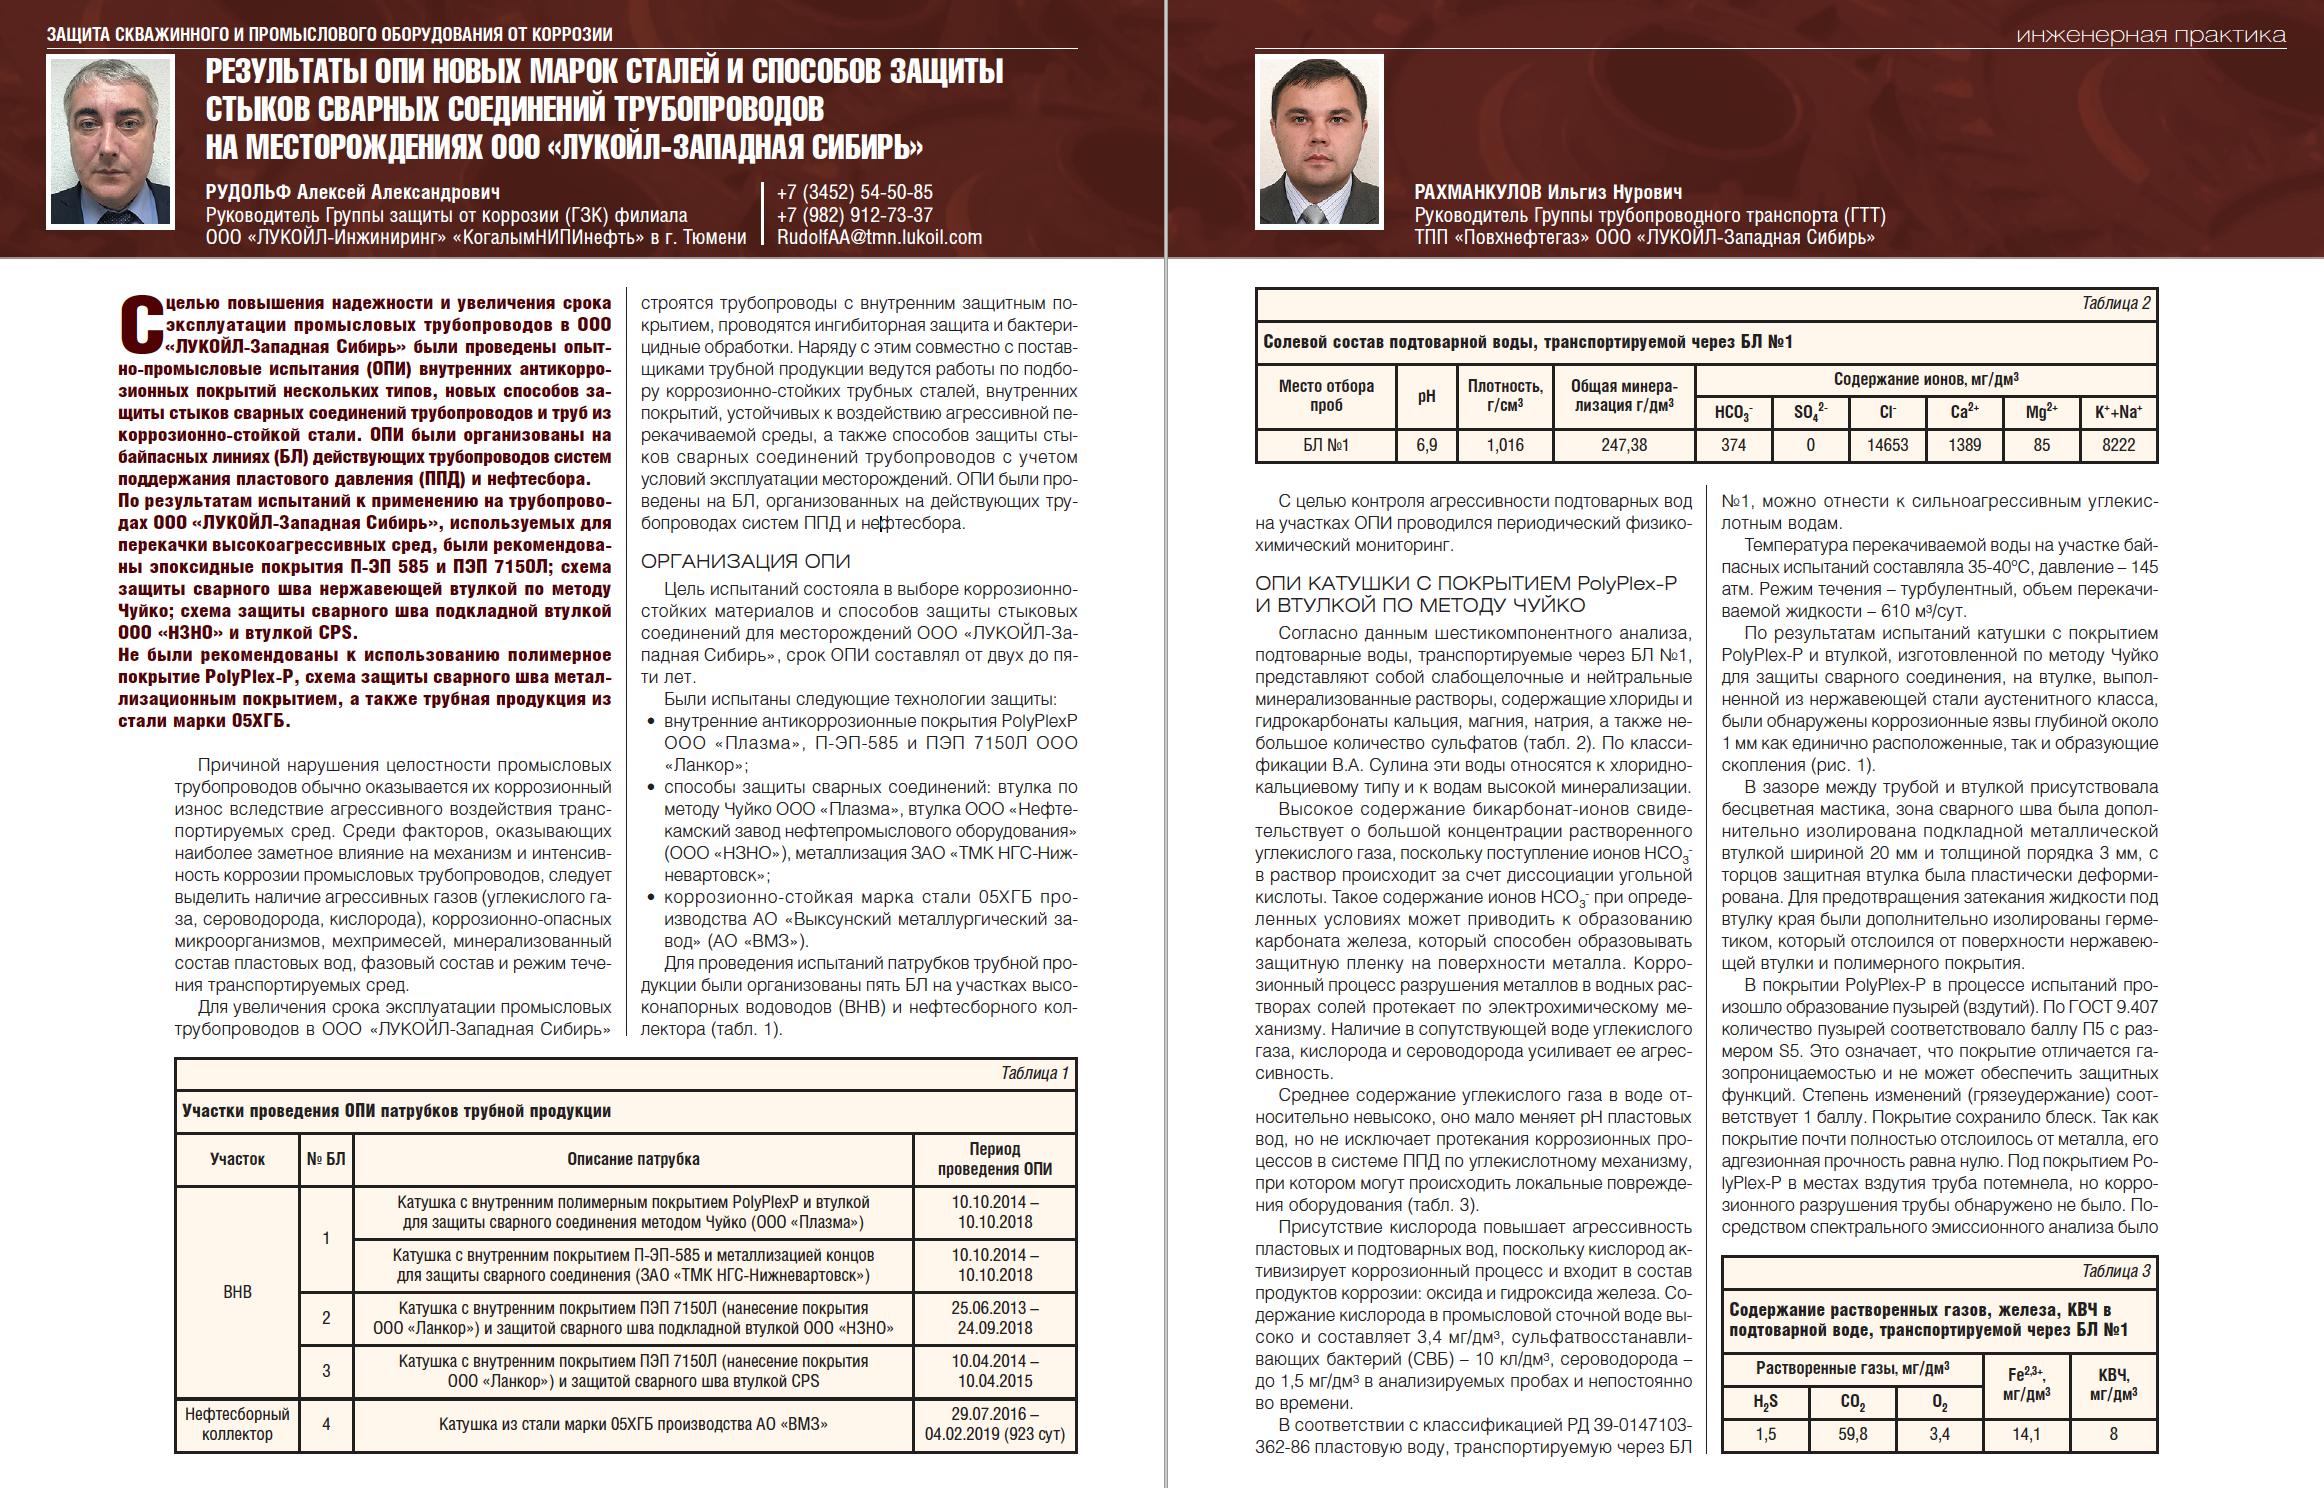 32733 Результаты ОПИ новых марок сталей и способов защиты стыков сварных соединений трубопроводов в ООО «ЛУКОЙЛ-Западная Сибирь»